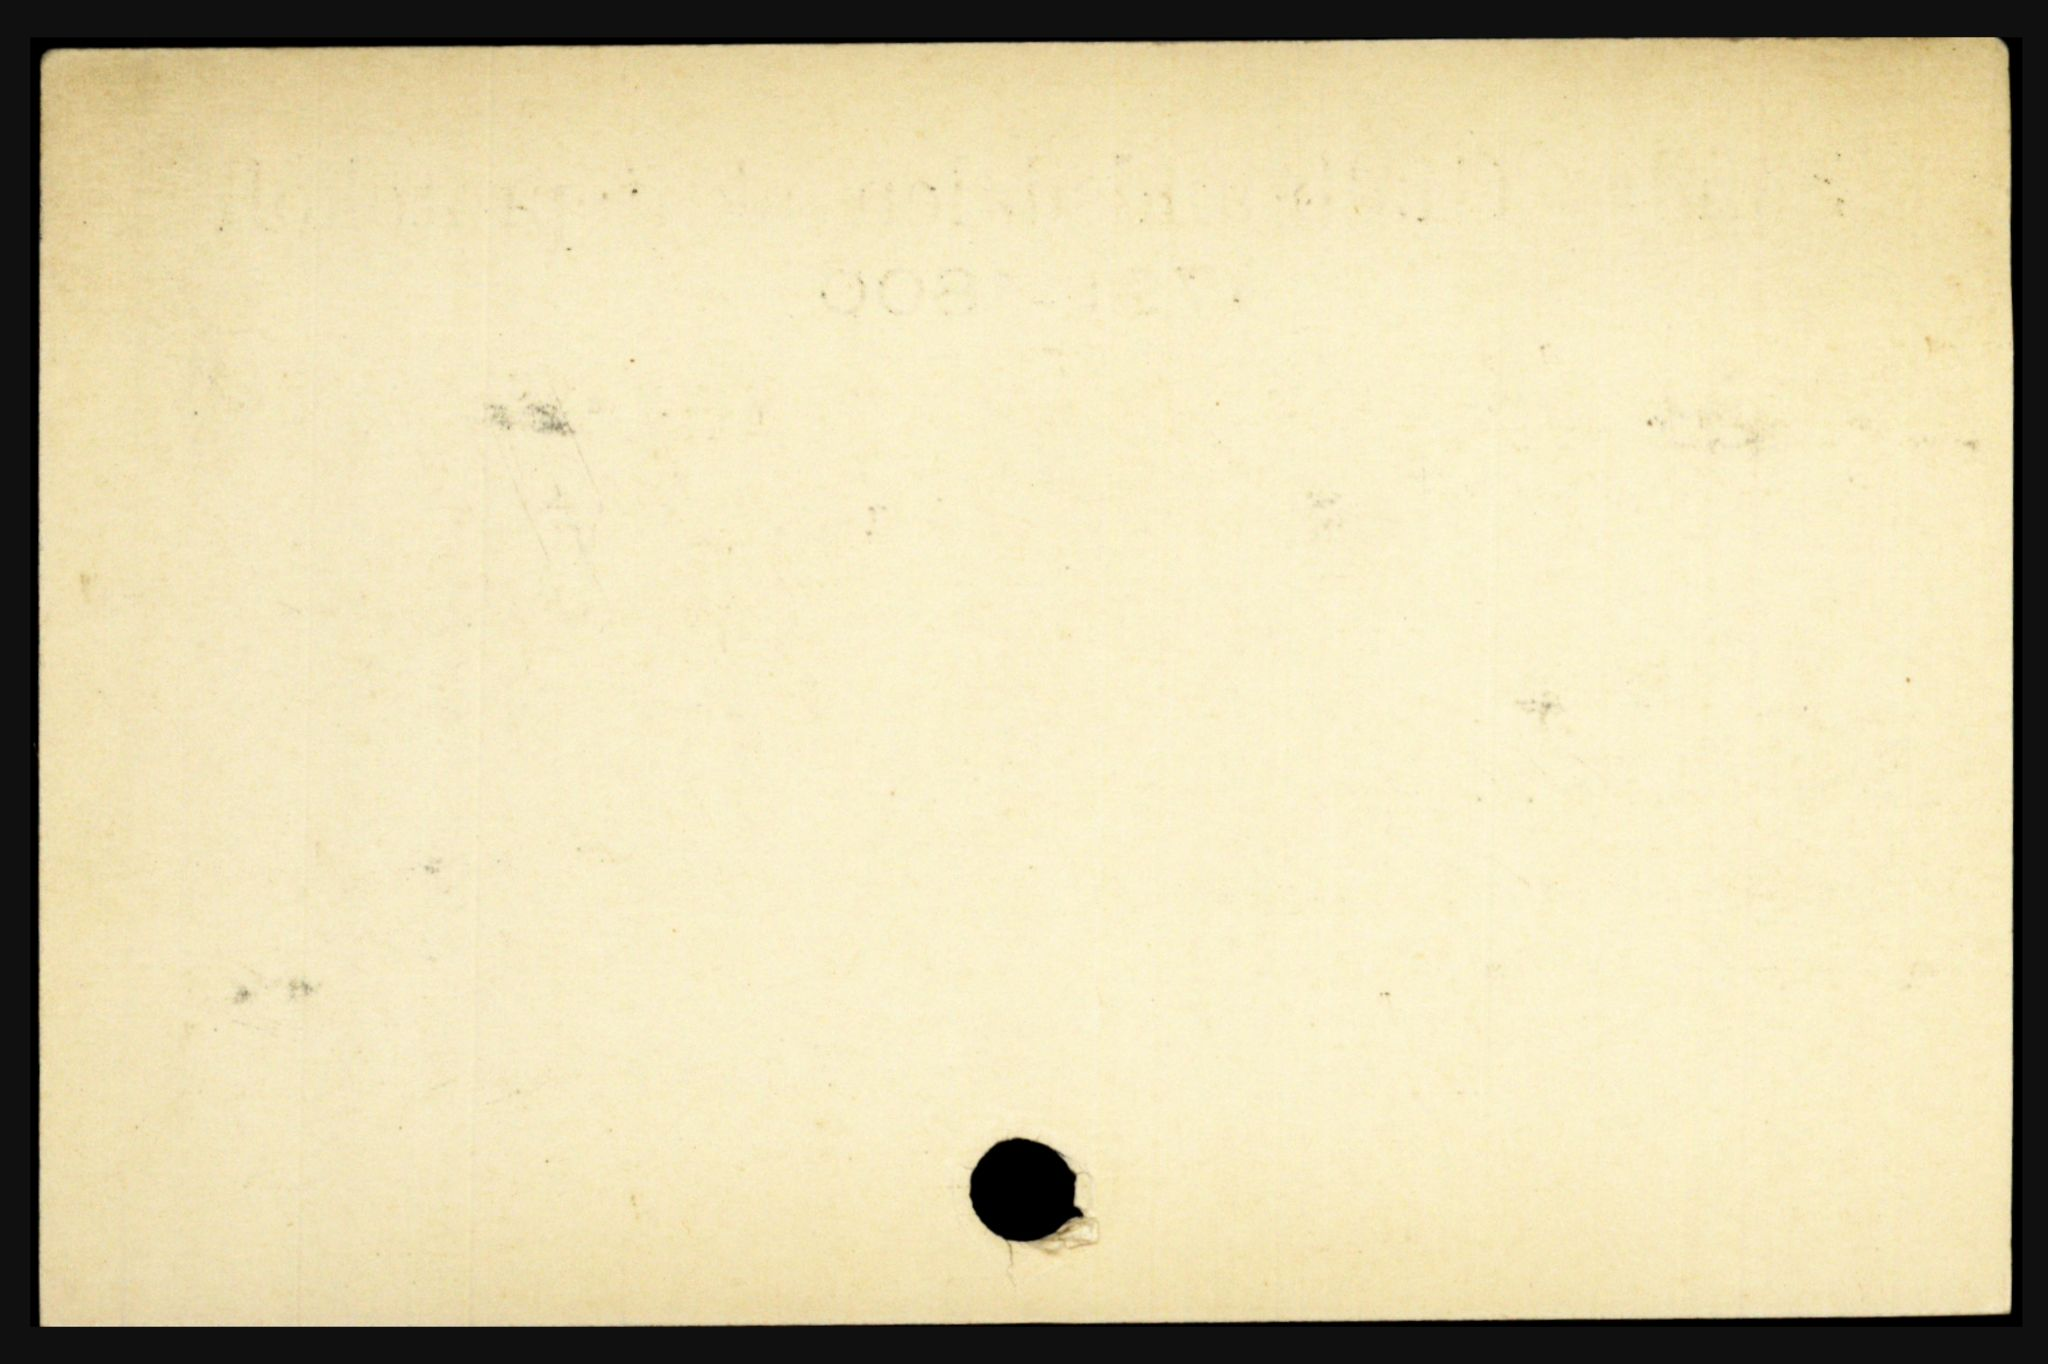 SAH, Sør-Gudbrandsdal tingrett, J, 1658-1885, s. 7010